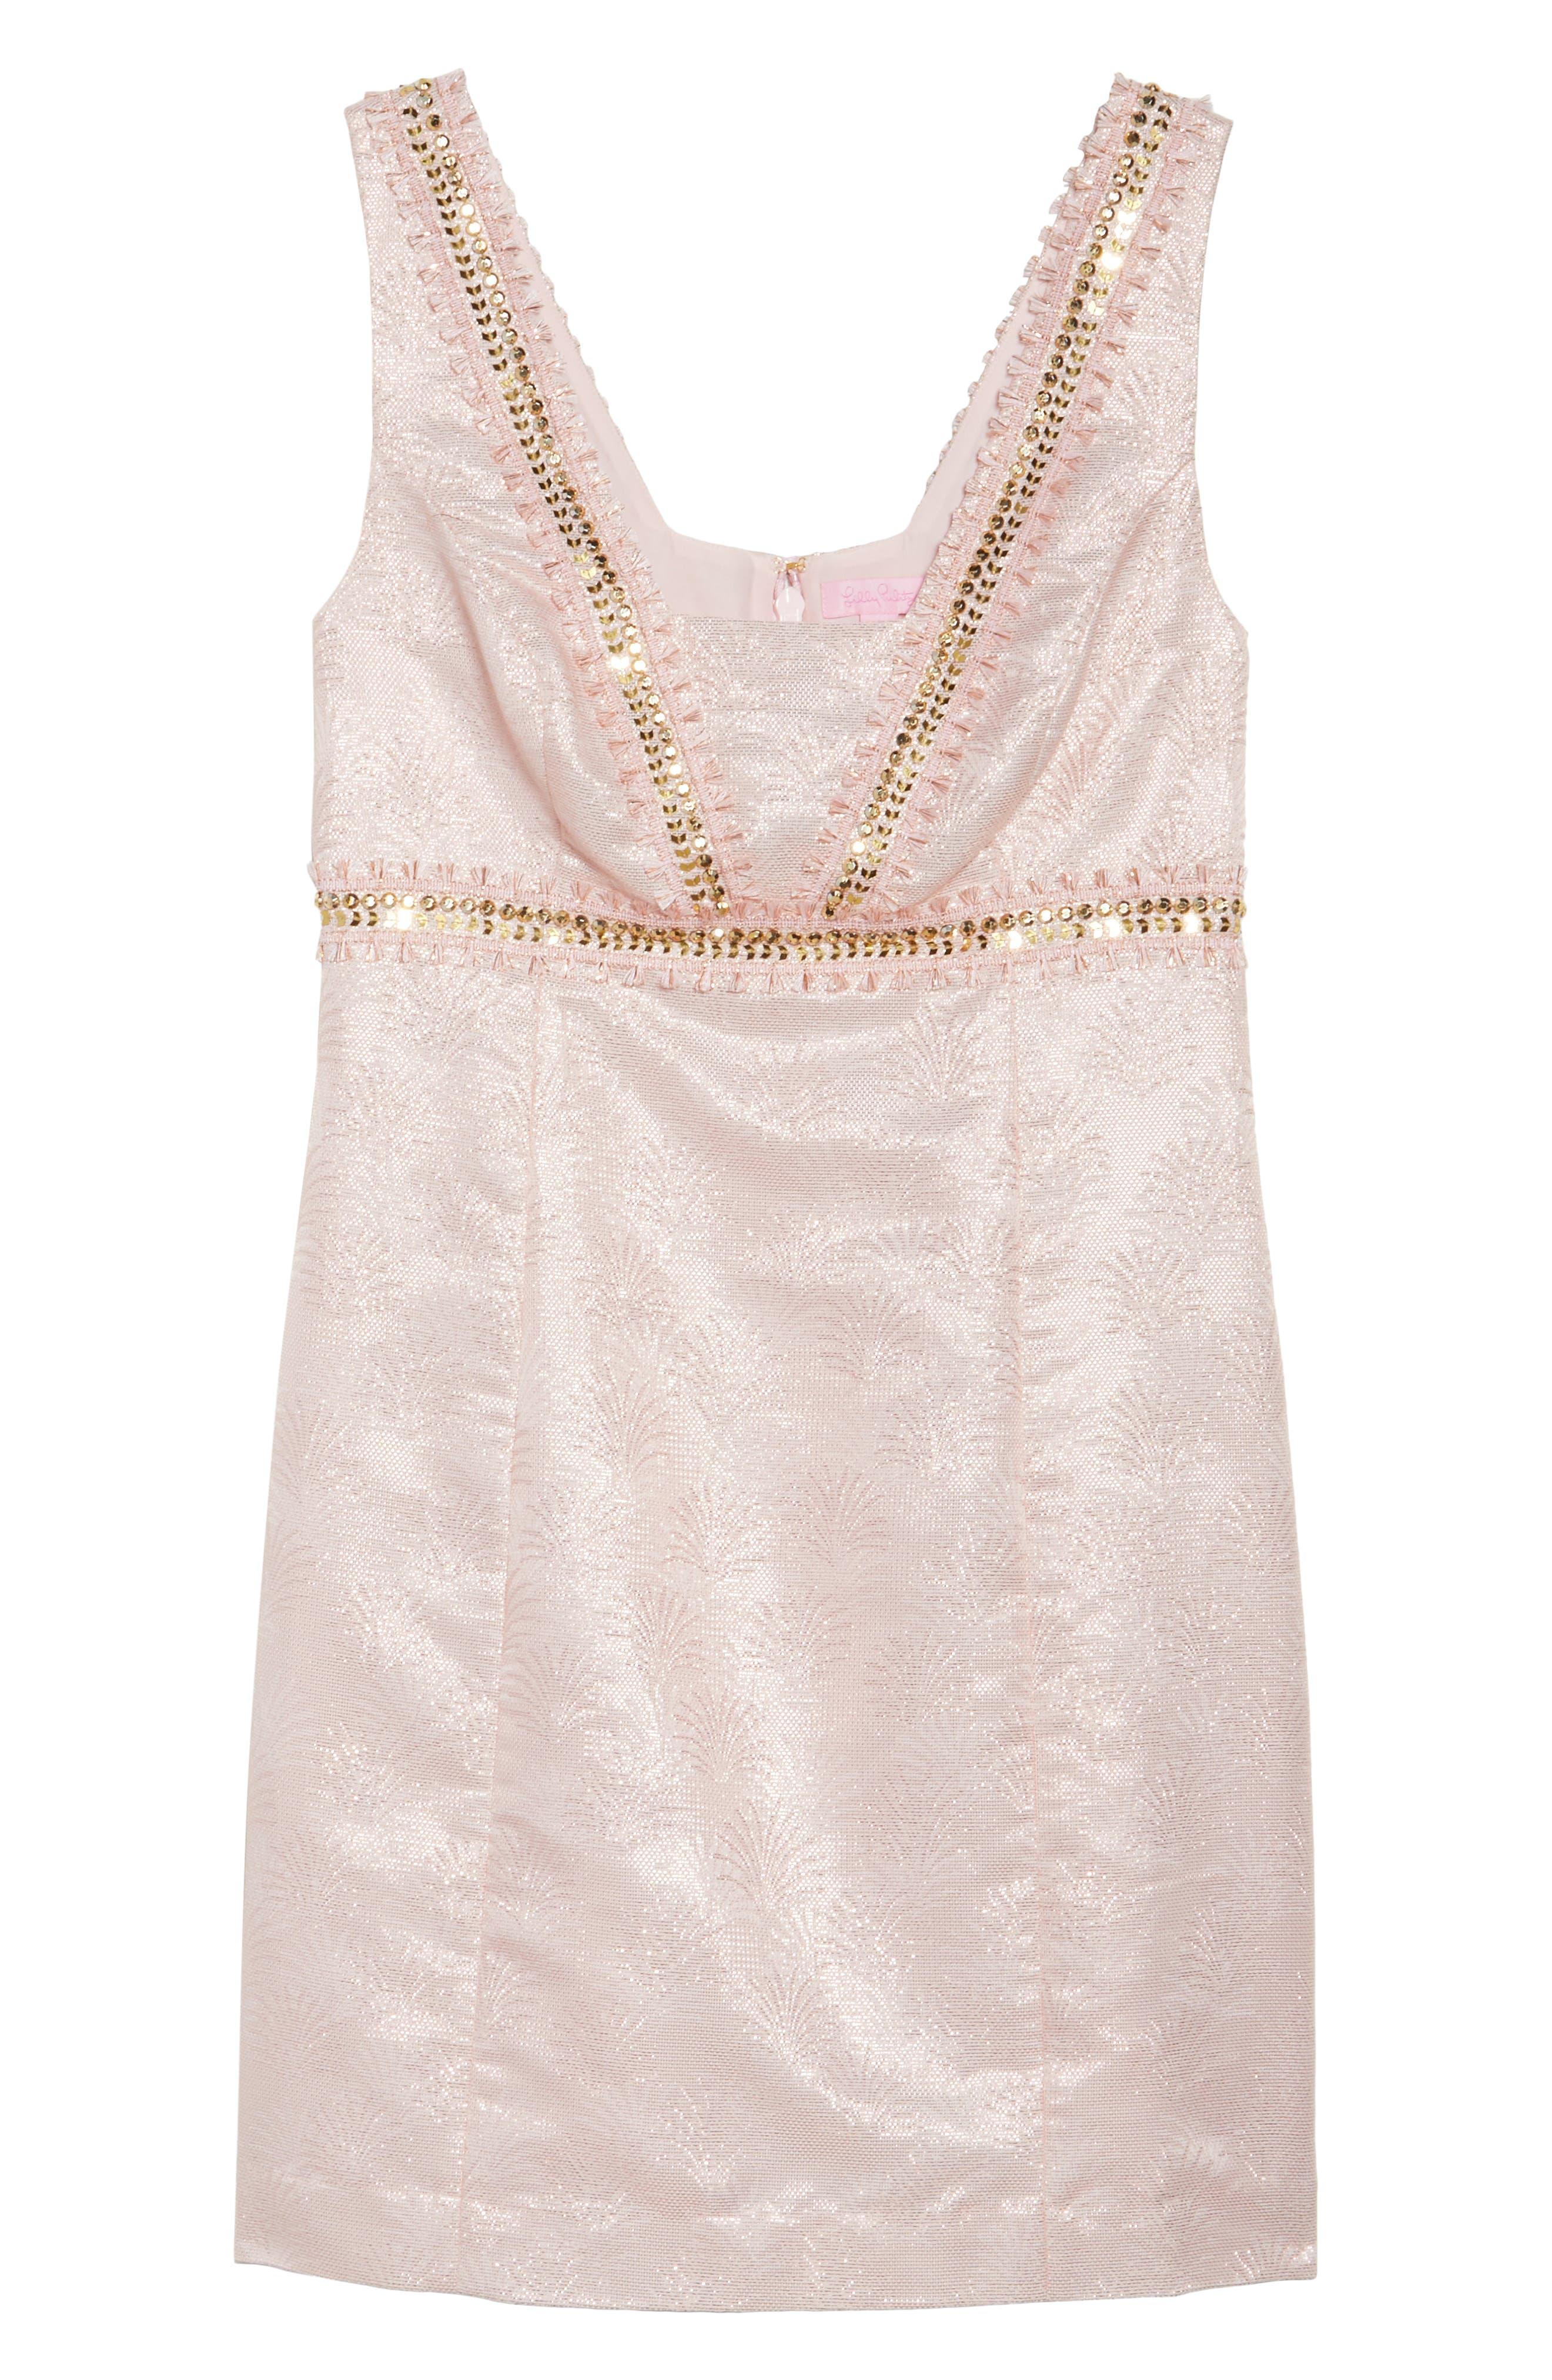 Karter Embellished Sheath Dress,                             Alternate thumbnail 6, color,